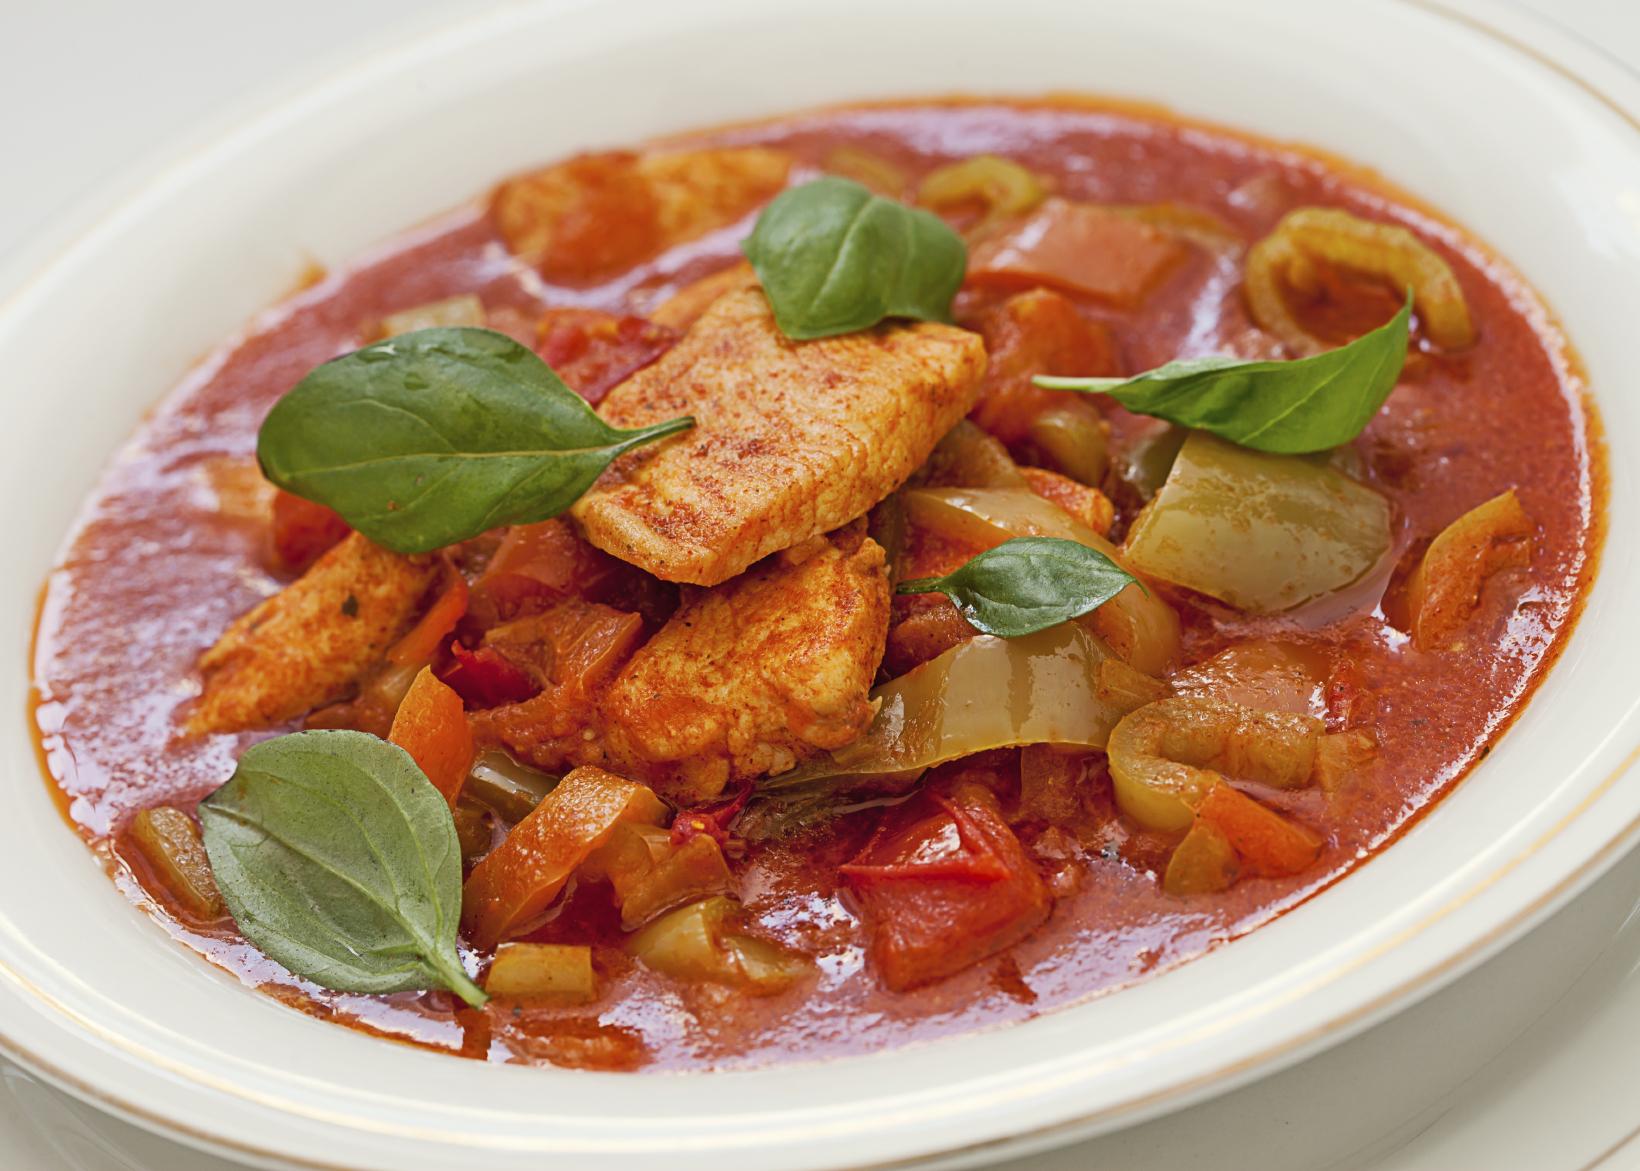 Pollo guisado con salsa de tomate y cerveza